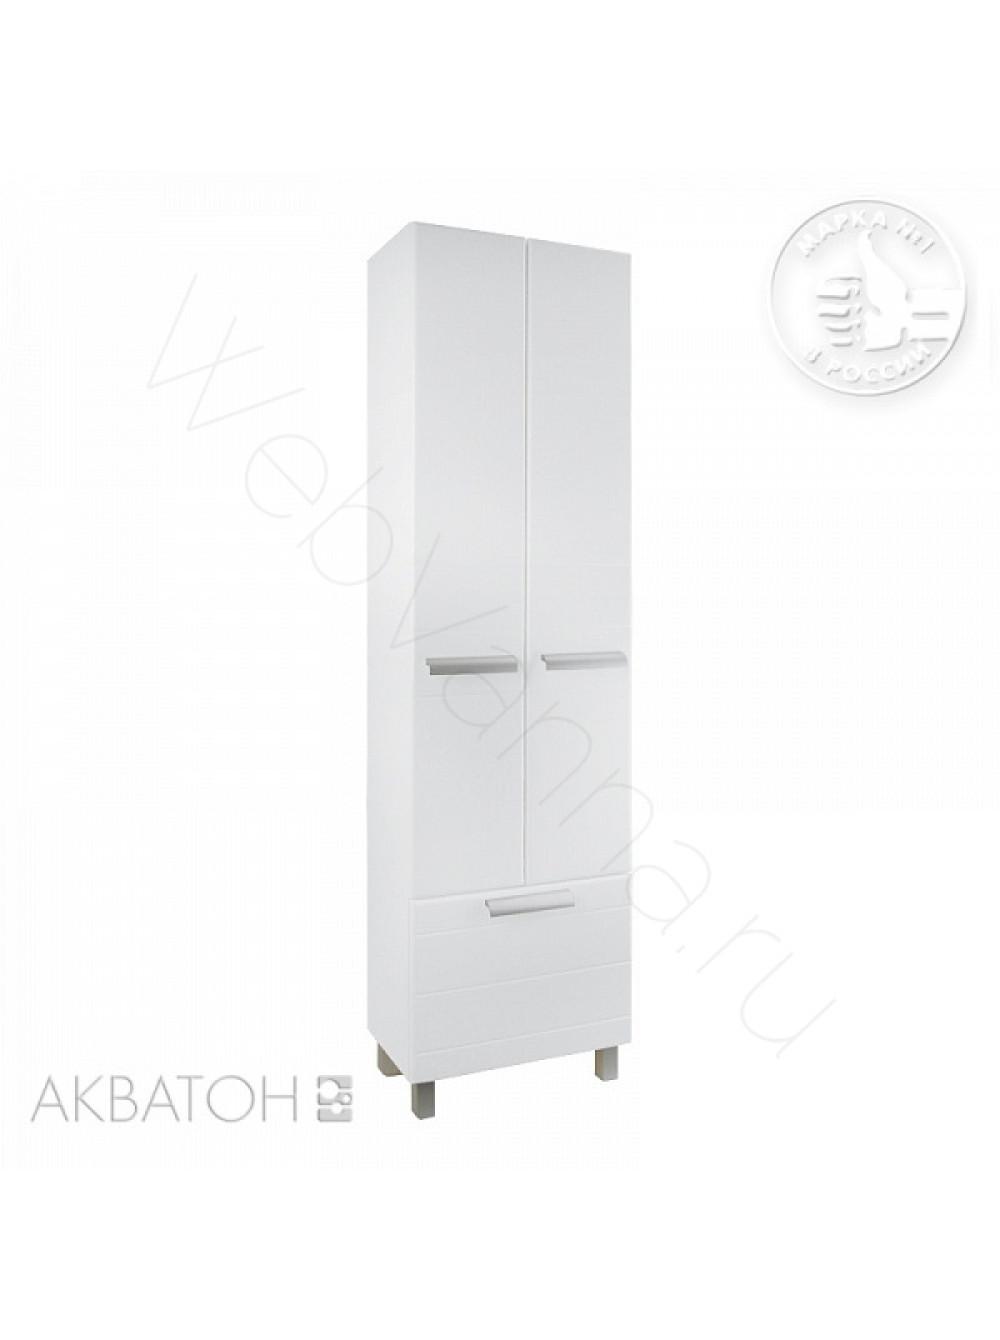 Купить шкаф-колонна акватон альтаир по цене 11 690 руб. в ин.